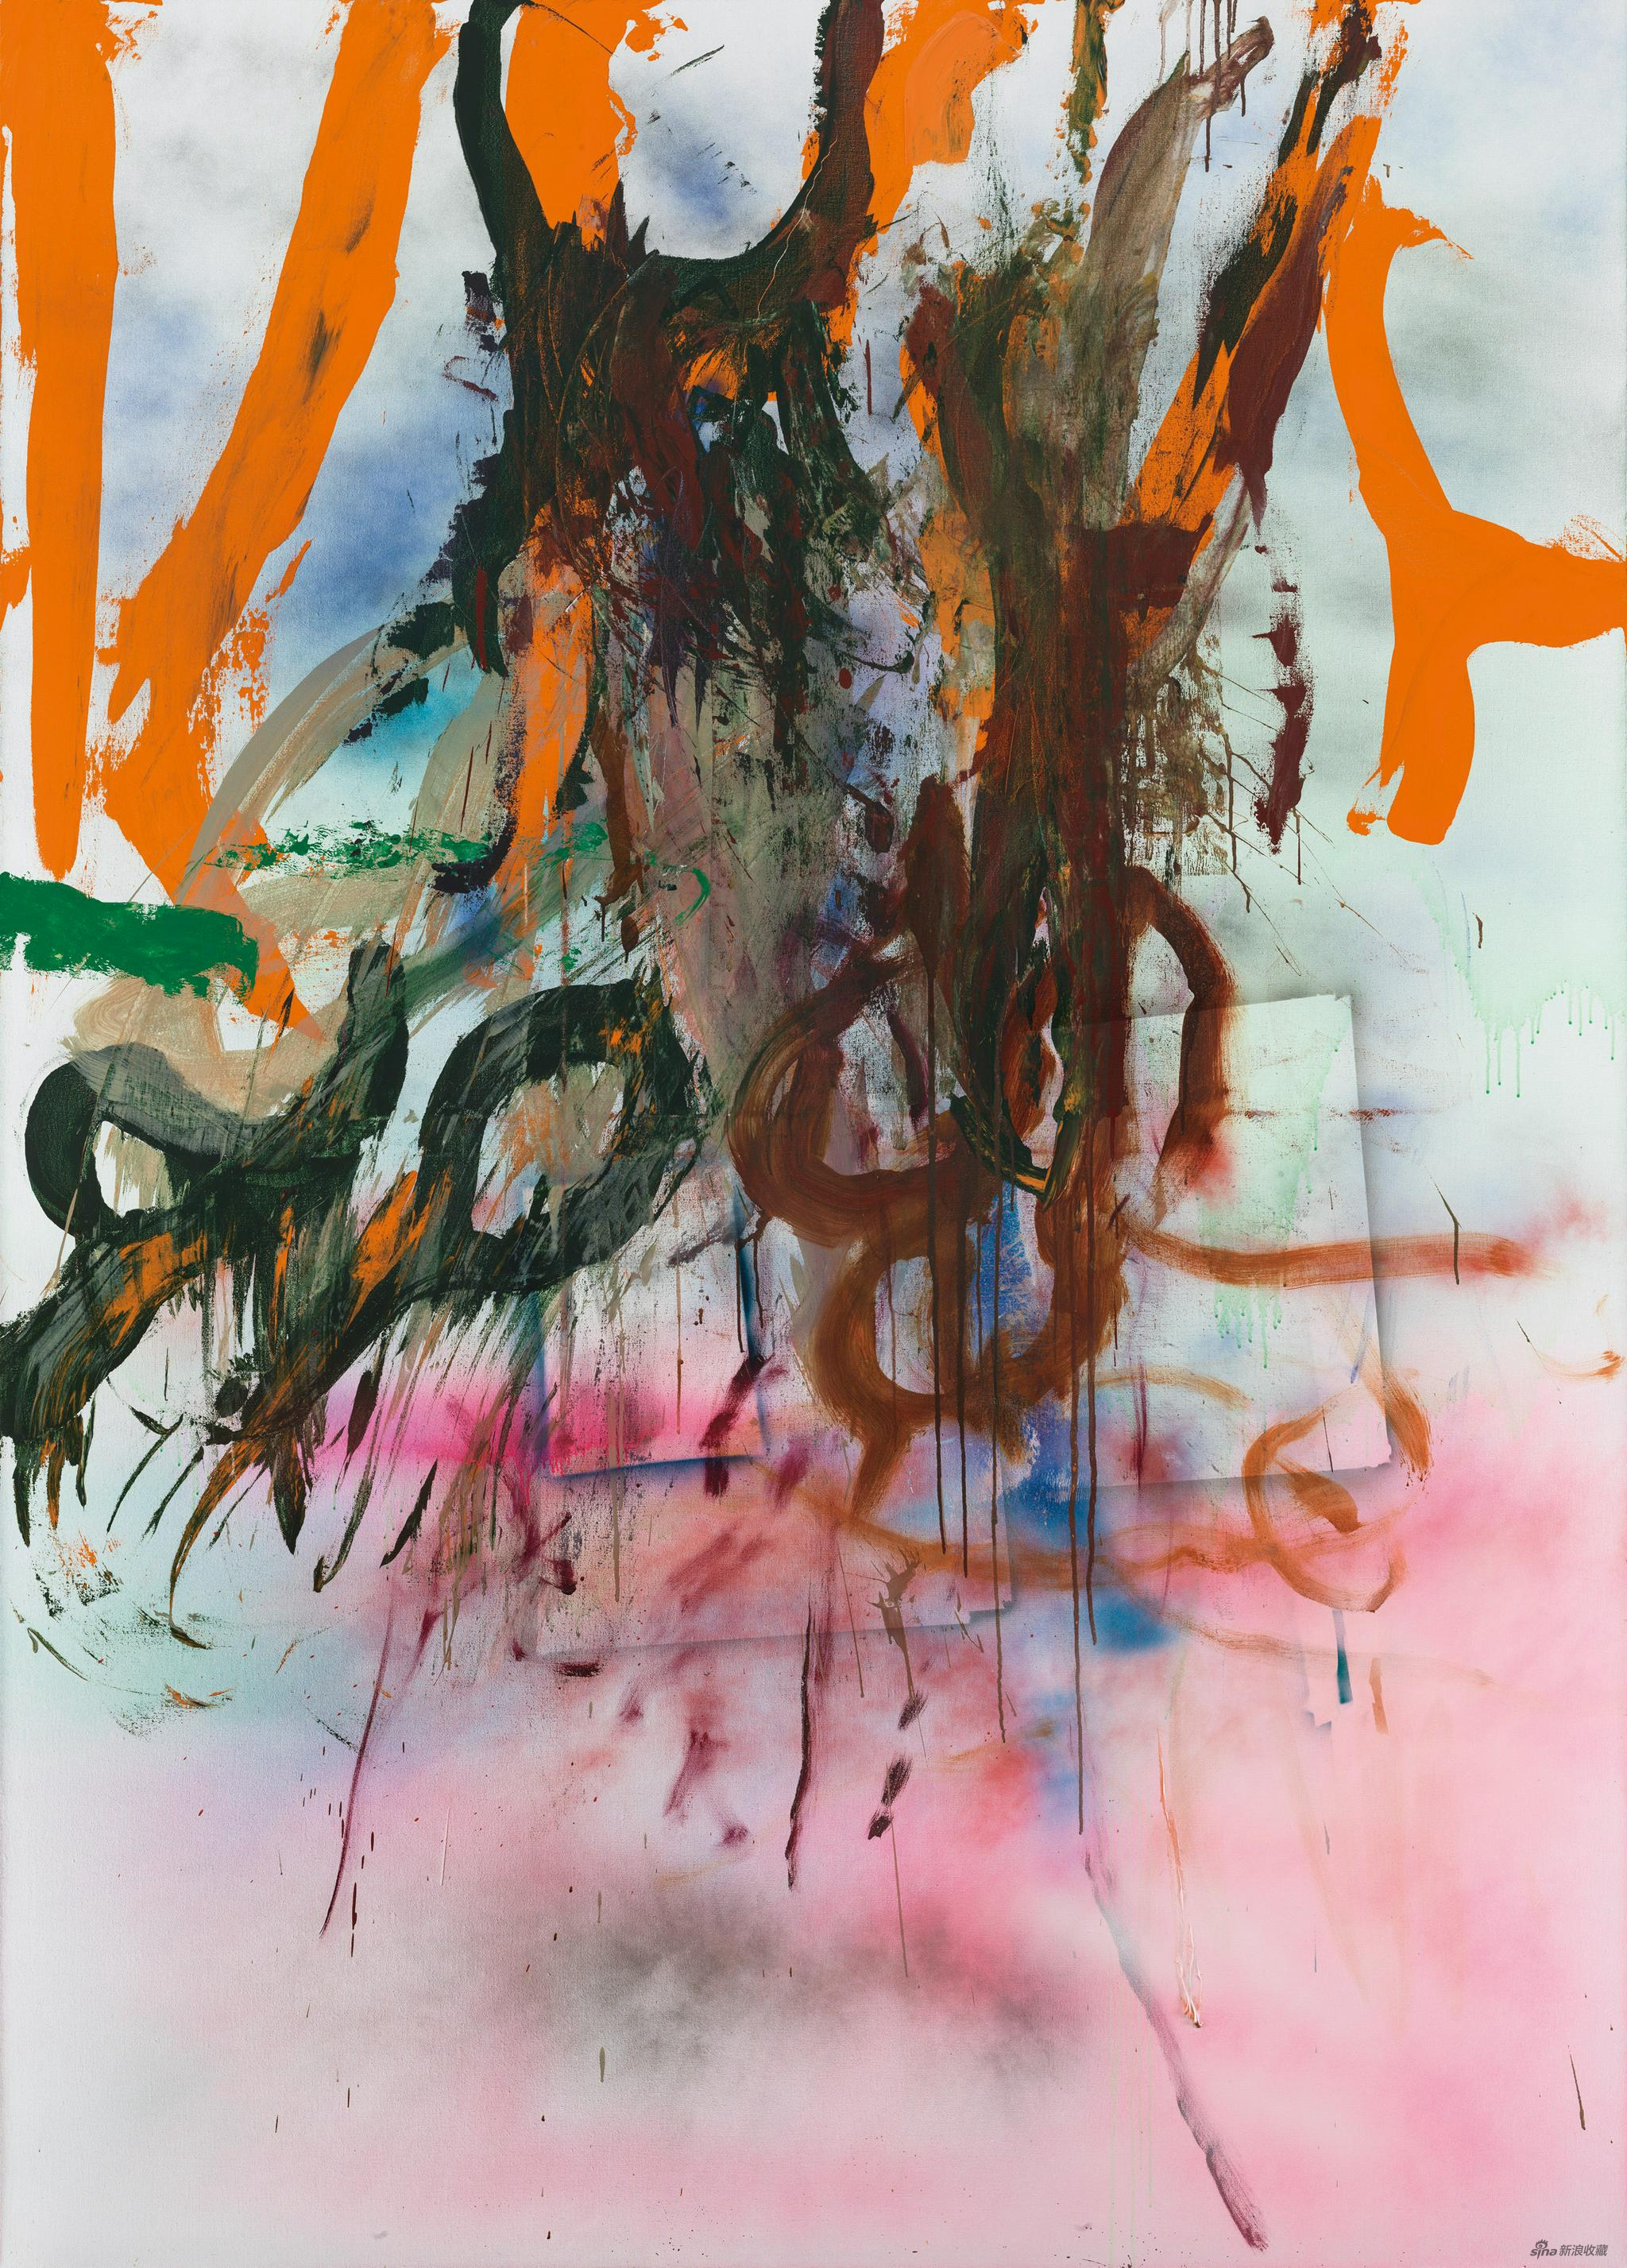 仇晓飞 Qiu Xiaofei Tape Junk No。 3 布上丙烯 Acrylic on canvas,280 × 200 cm,2015 ©艺术家和佩斯画廊